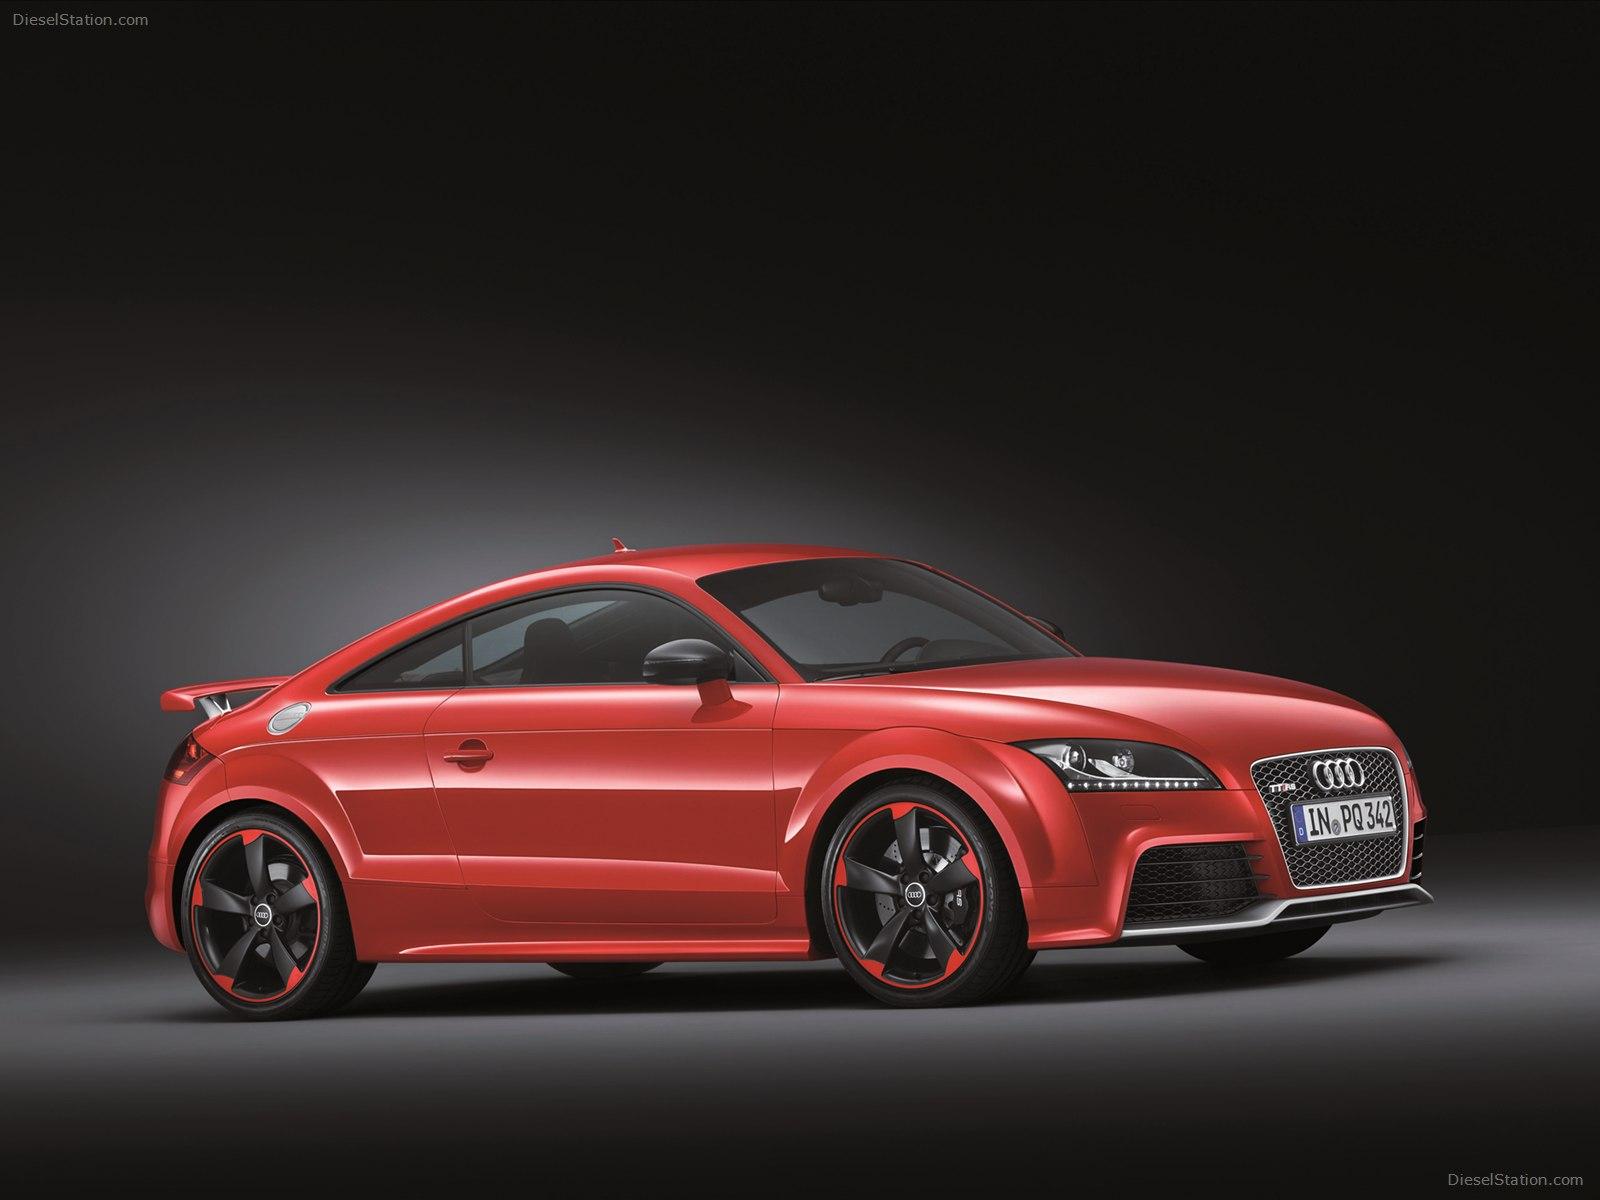 Audi TT RS Plus 2013 Exotic Car Wallpaper 03 of 50 1600x1200